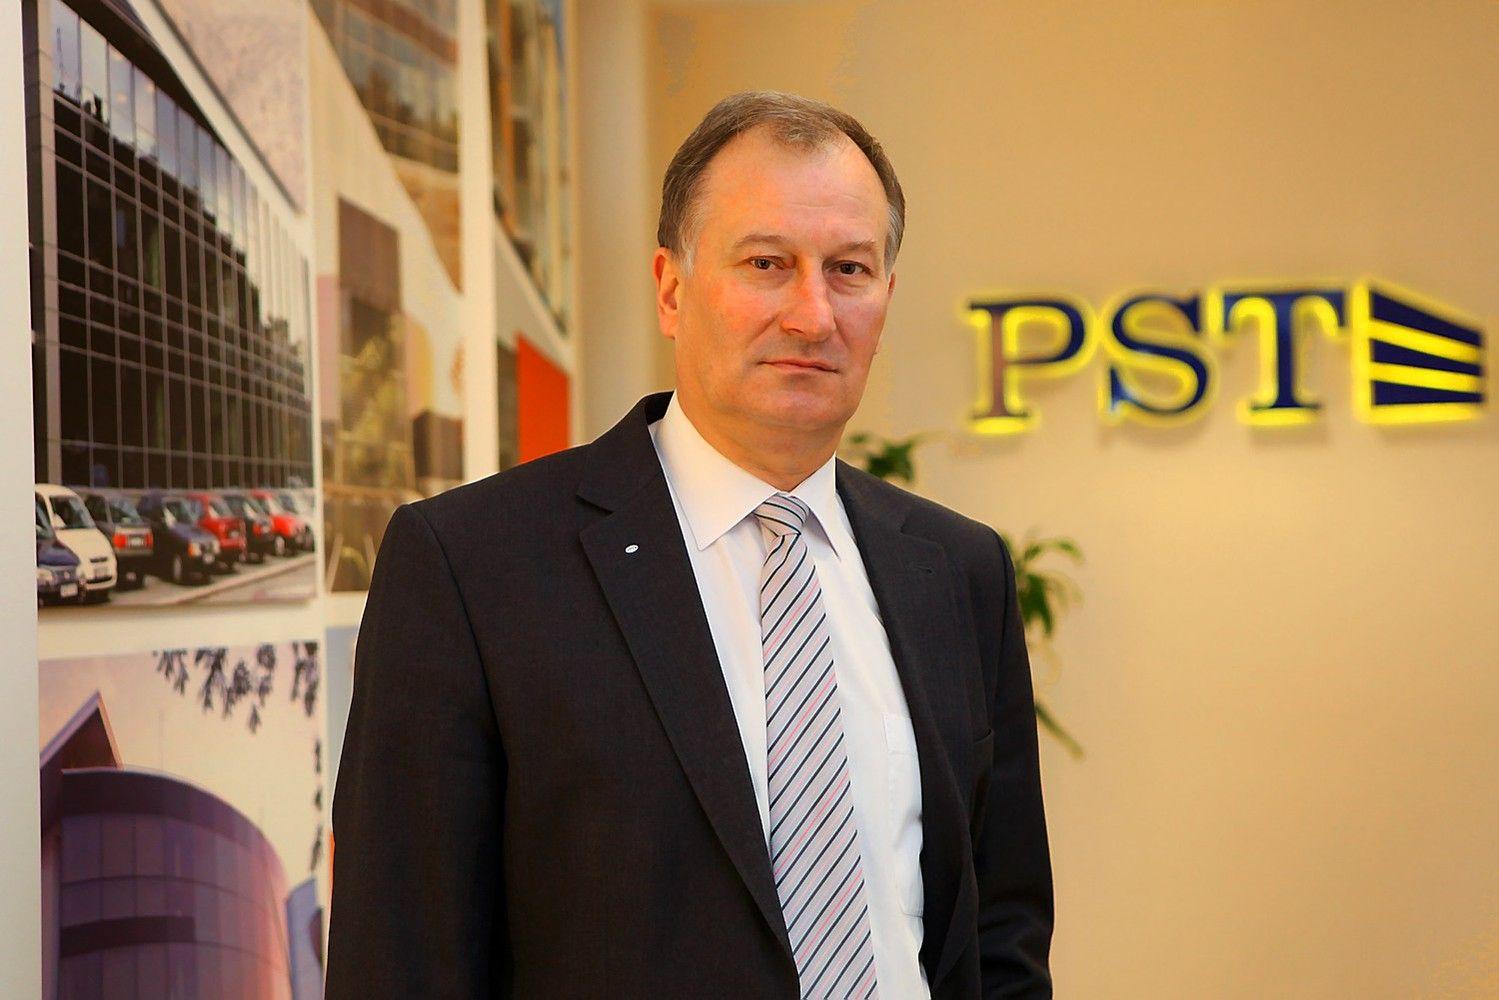 PST įmonės bankrotą siekta paversti tyčiniu, teismas tam nepritarė